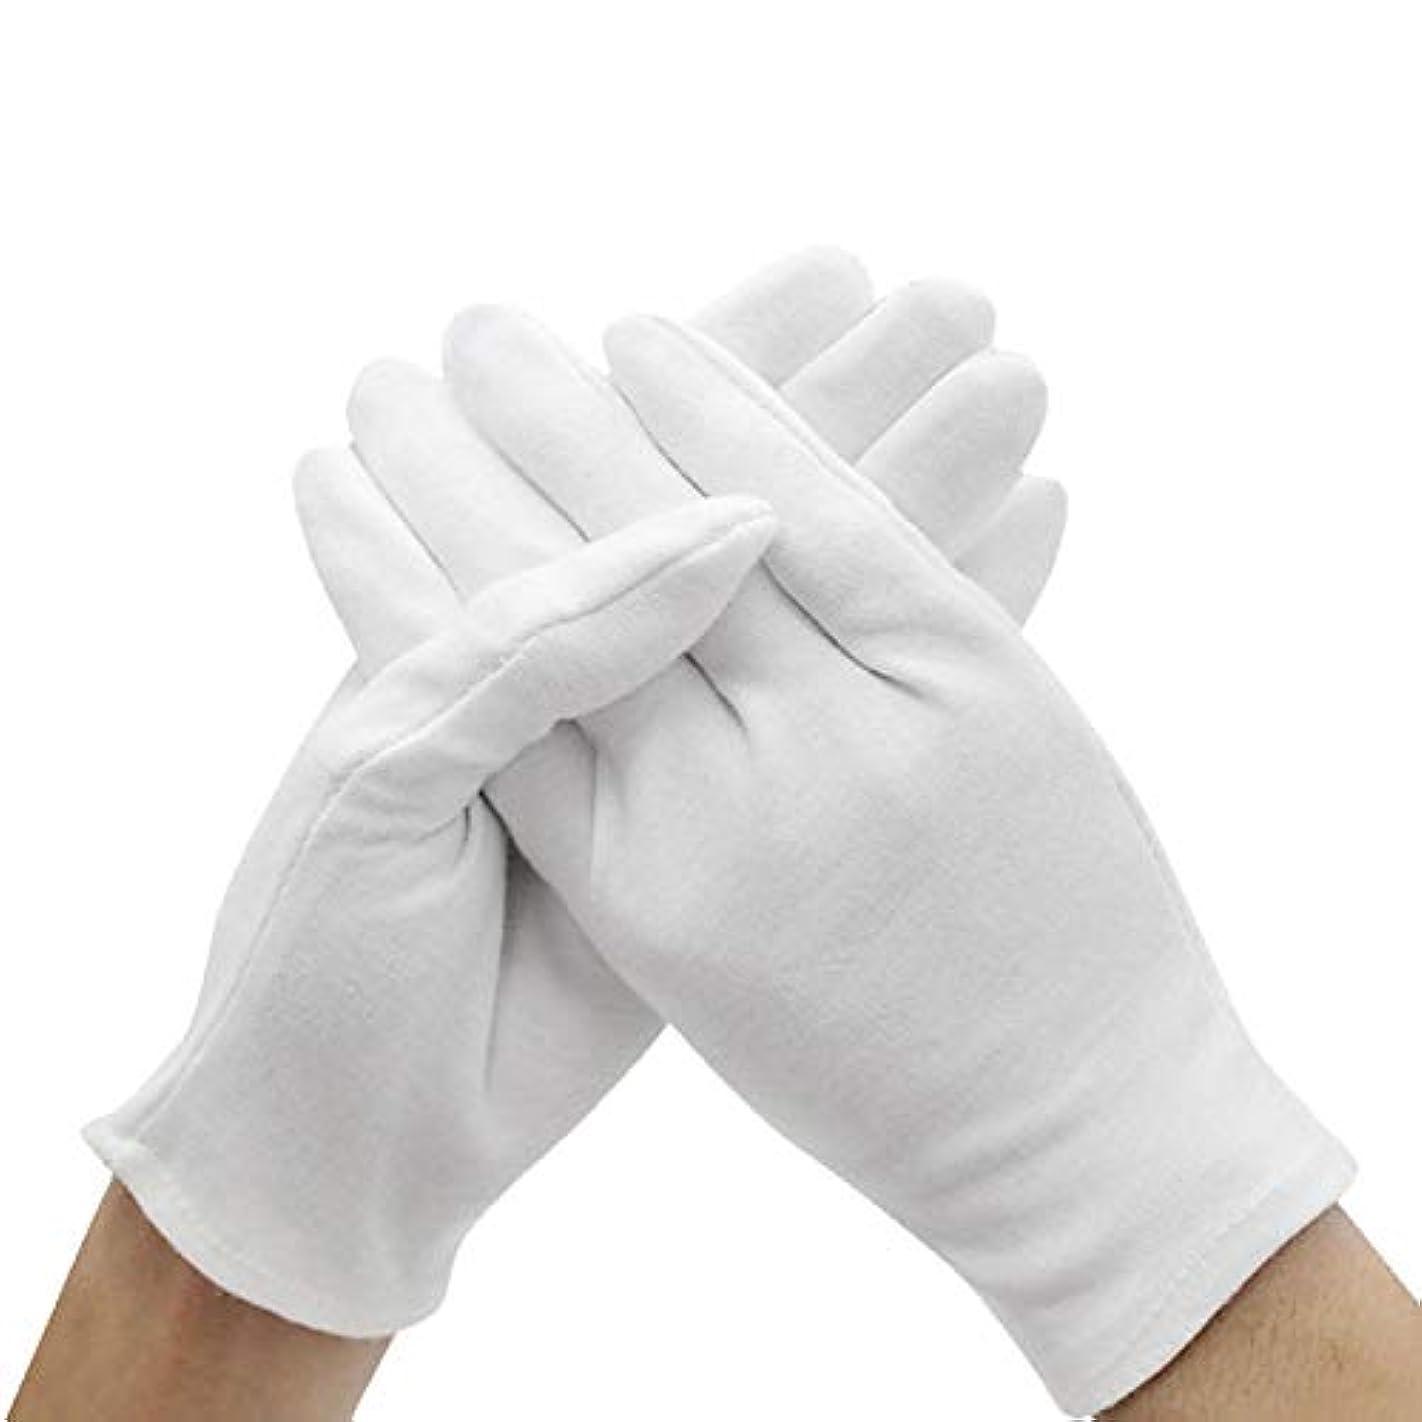 カリキュラムバット広範囲にコットン手袋 綿 手荒れ予防 【湿疹用 乾燥肌用 保湿用 礼装用】純綿100% 白手袋 作業用 インナー手袋,ワンサイズ,エチケットの機会